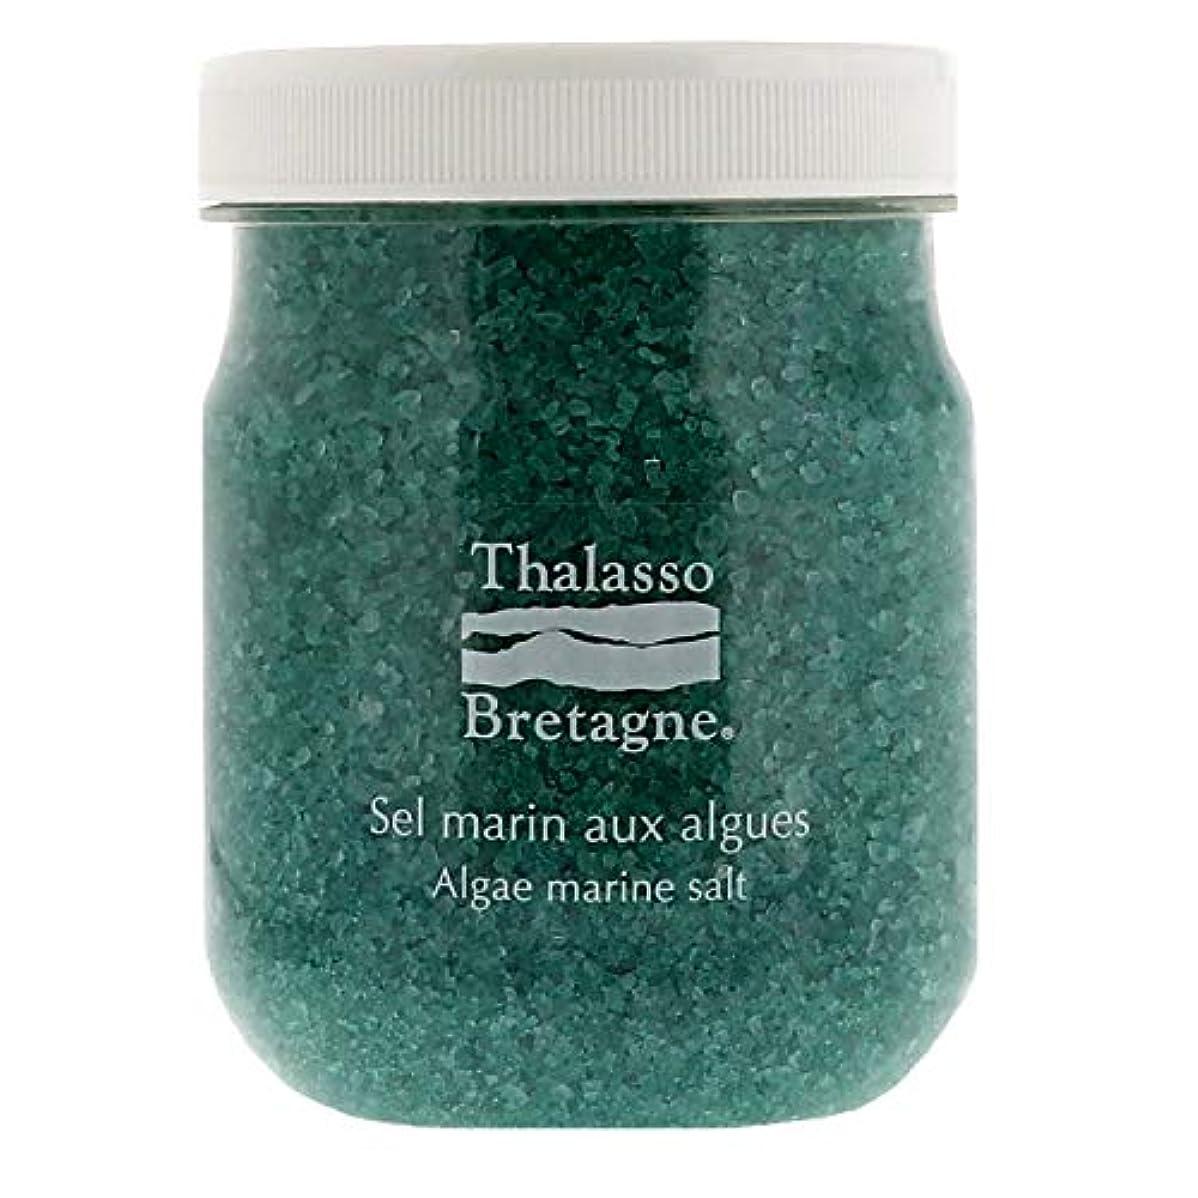 人形召集する分解するThalasso Breragne タラソ ド ブルターニュー アルグマリンソルト850g